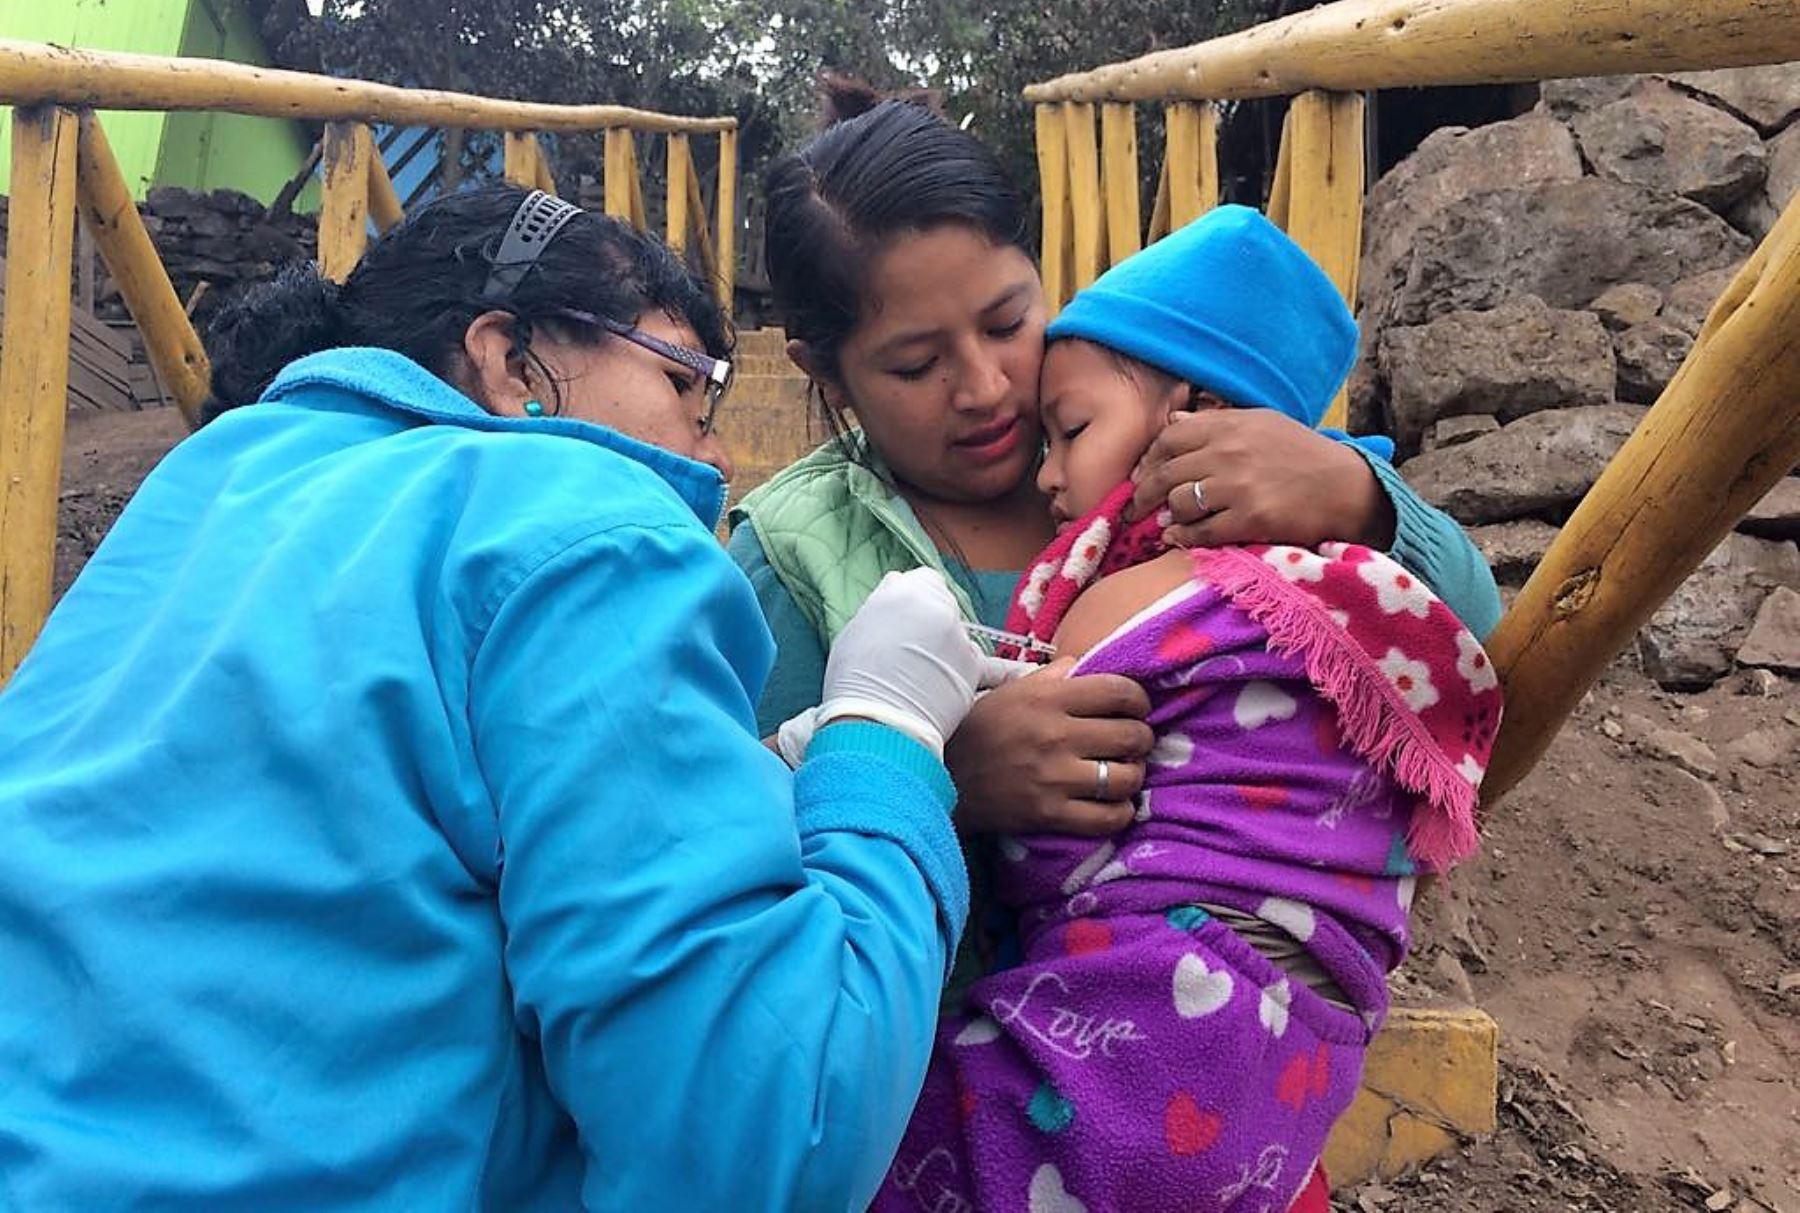 Minsa aplicará este año 17 vacunas para proteger a la población. ANDINA/Difusión